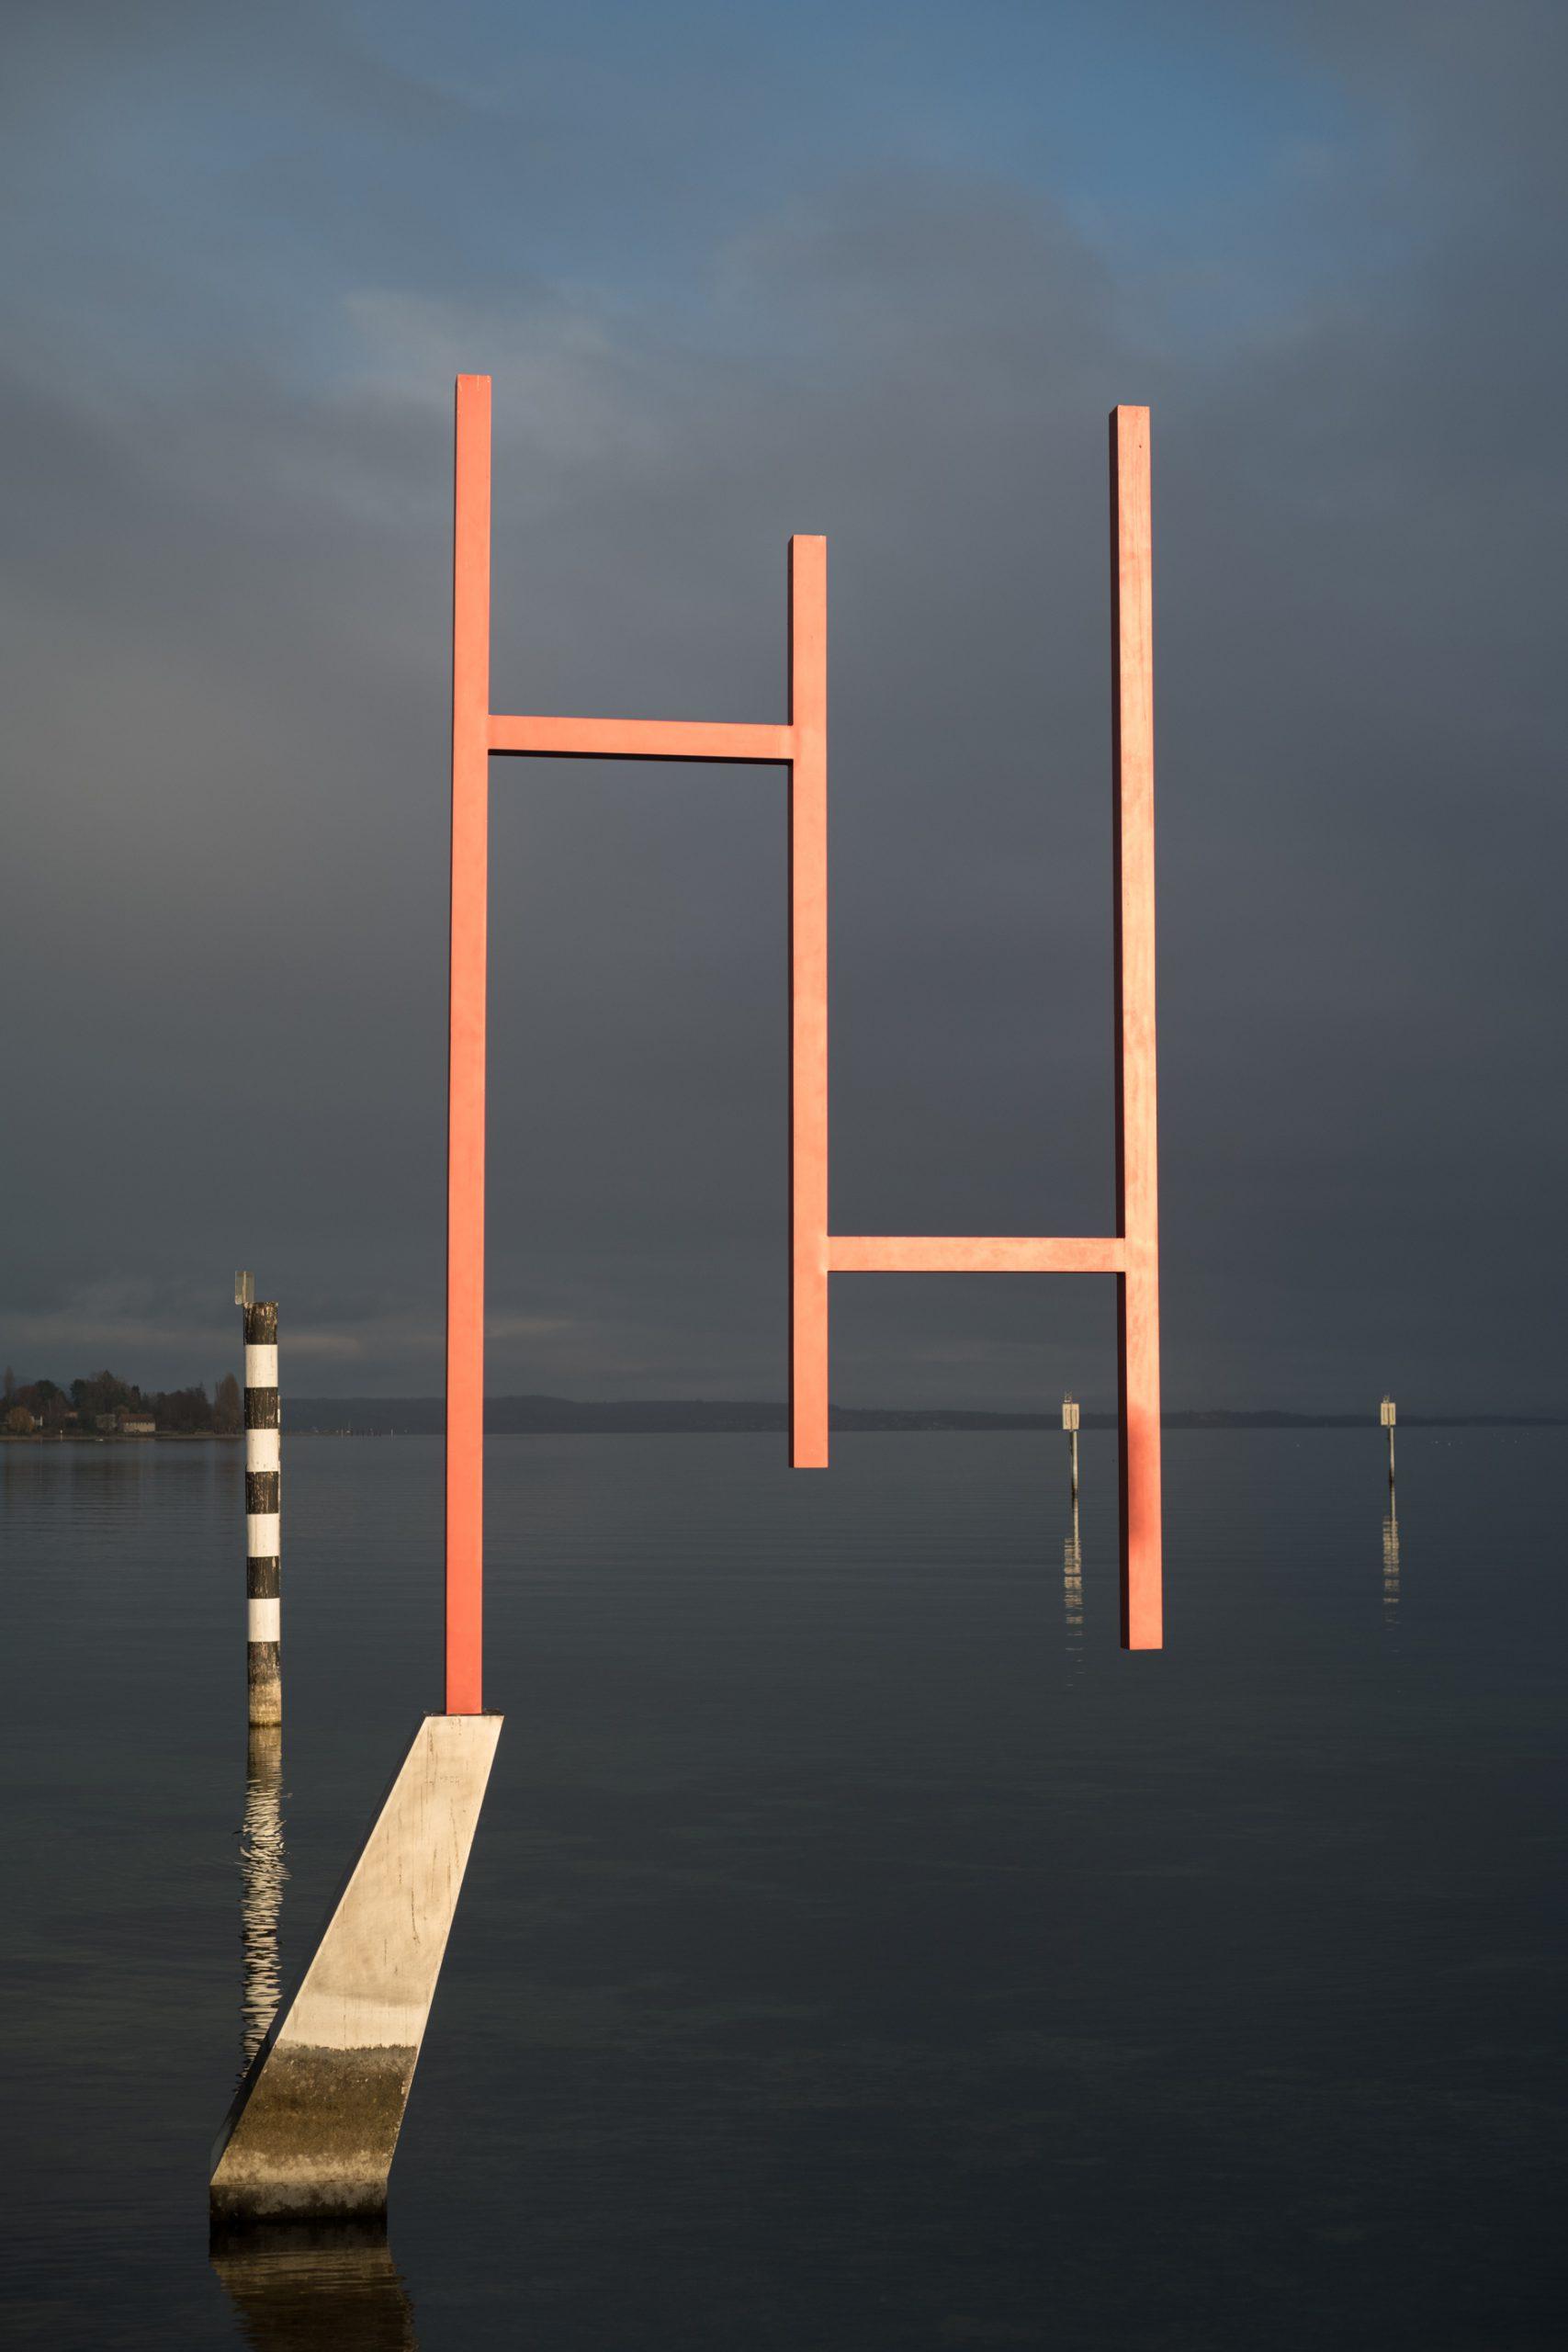 Land Art gibt auch im Wasser. Die Kunstgrenze zieht sich bis in den Bodensee hinein, weiter draußen gibt es dann nur noch Zeichen für Fischerei und Schifffahrt. Konica M-Hexanon 50/2 an Leica SL.